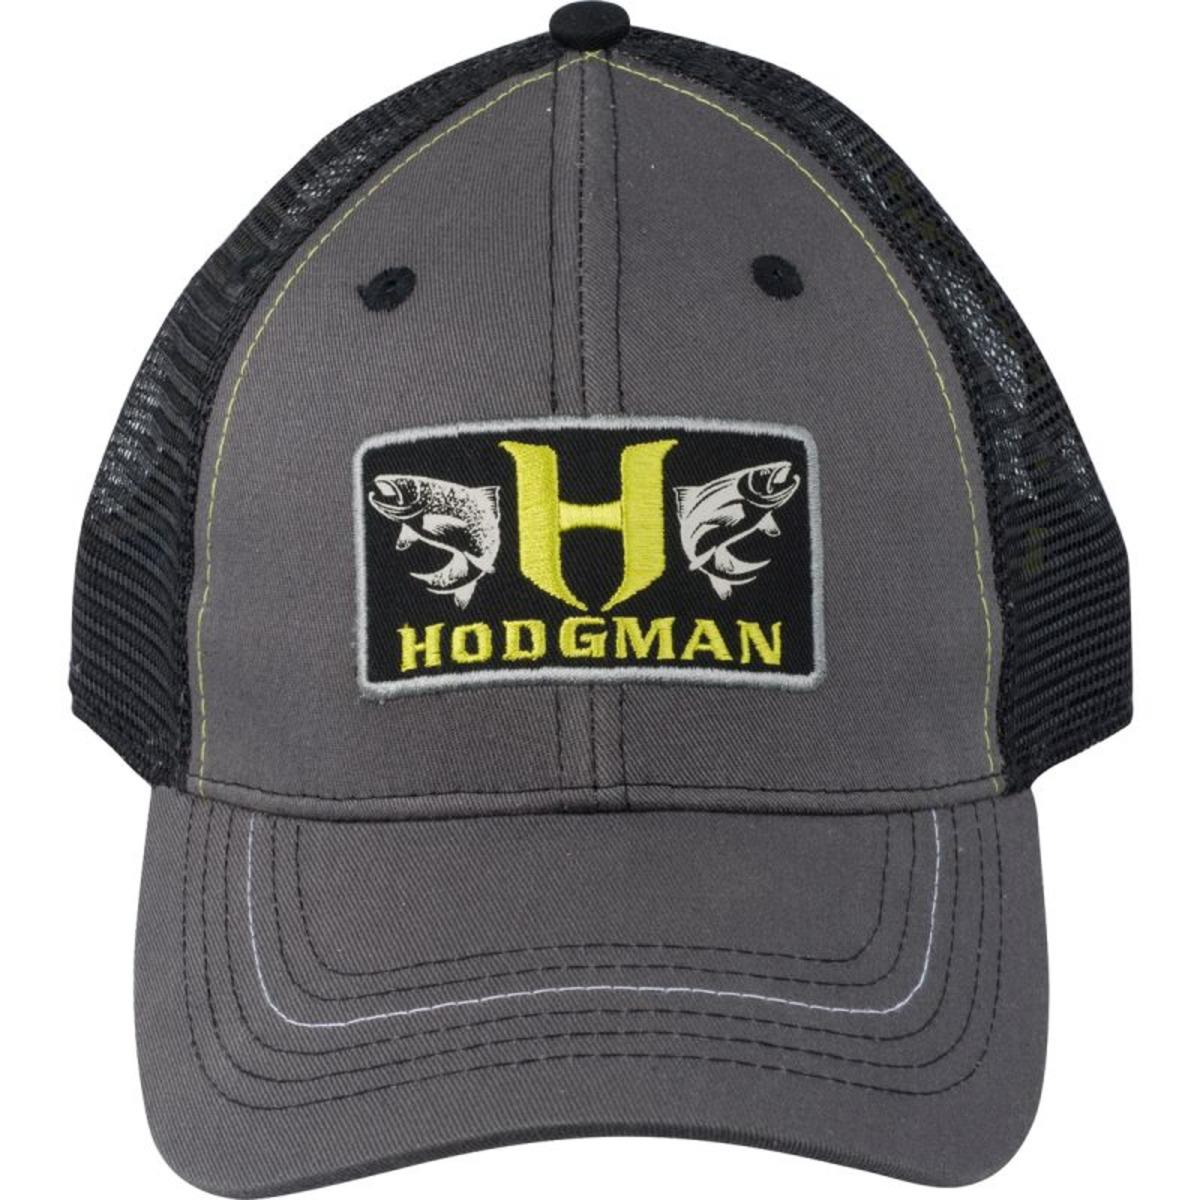 Hodgman Casquette Trucker Patch - Taille Unique - Couleur Gris